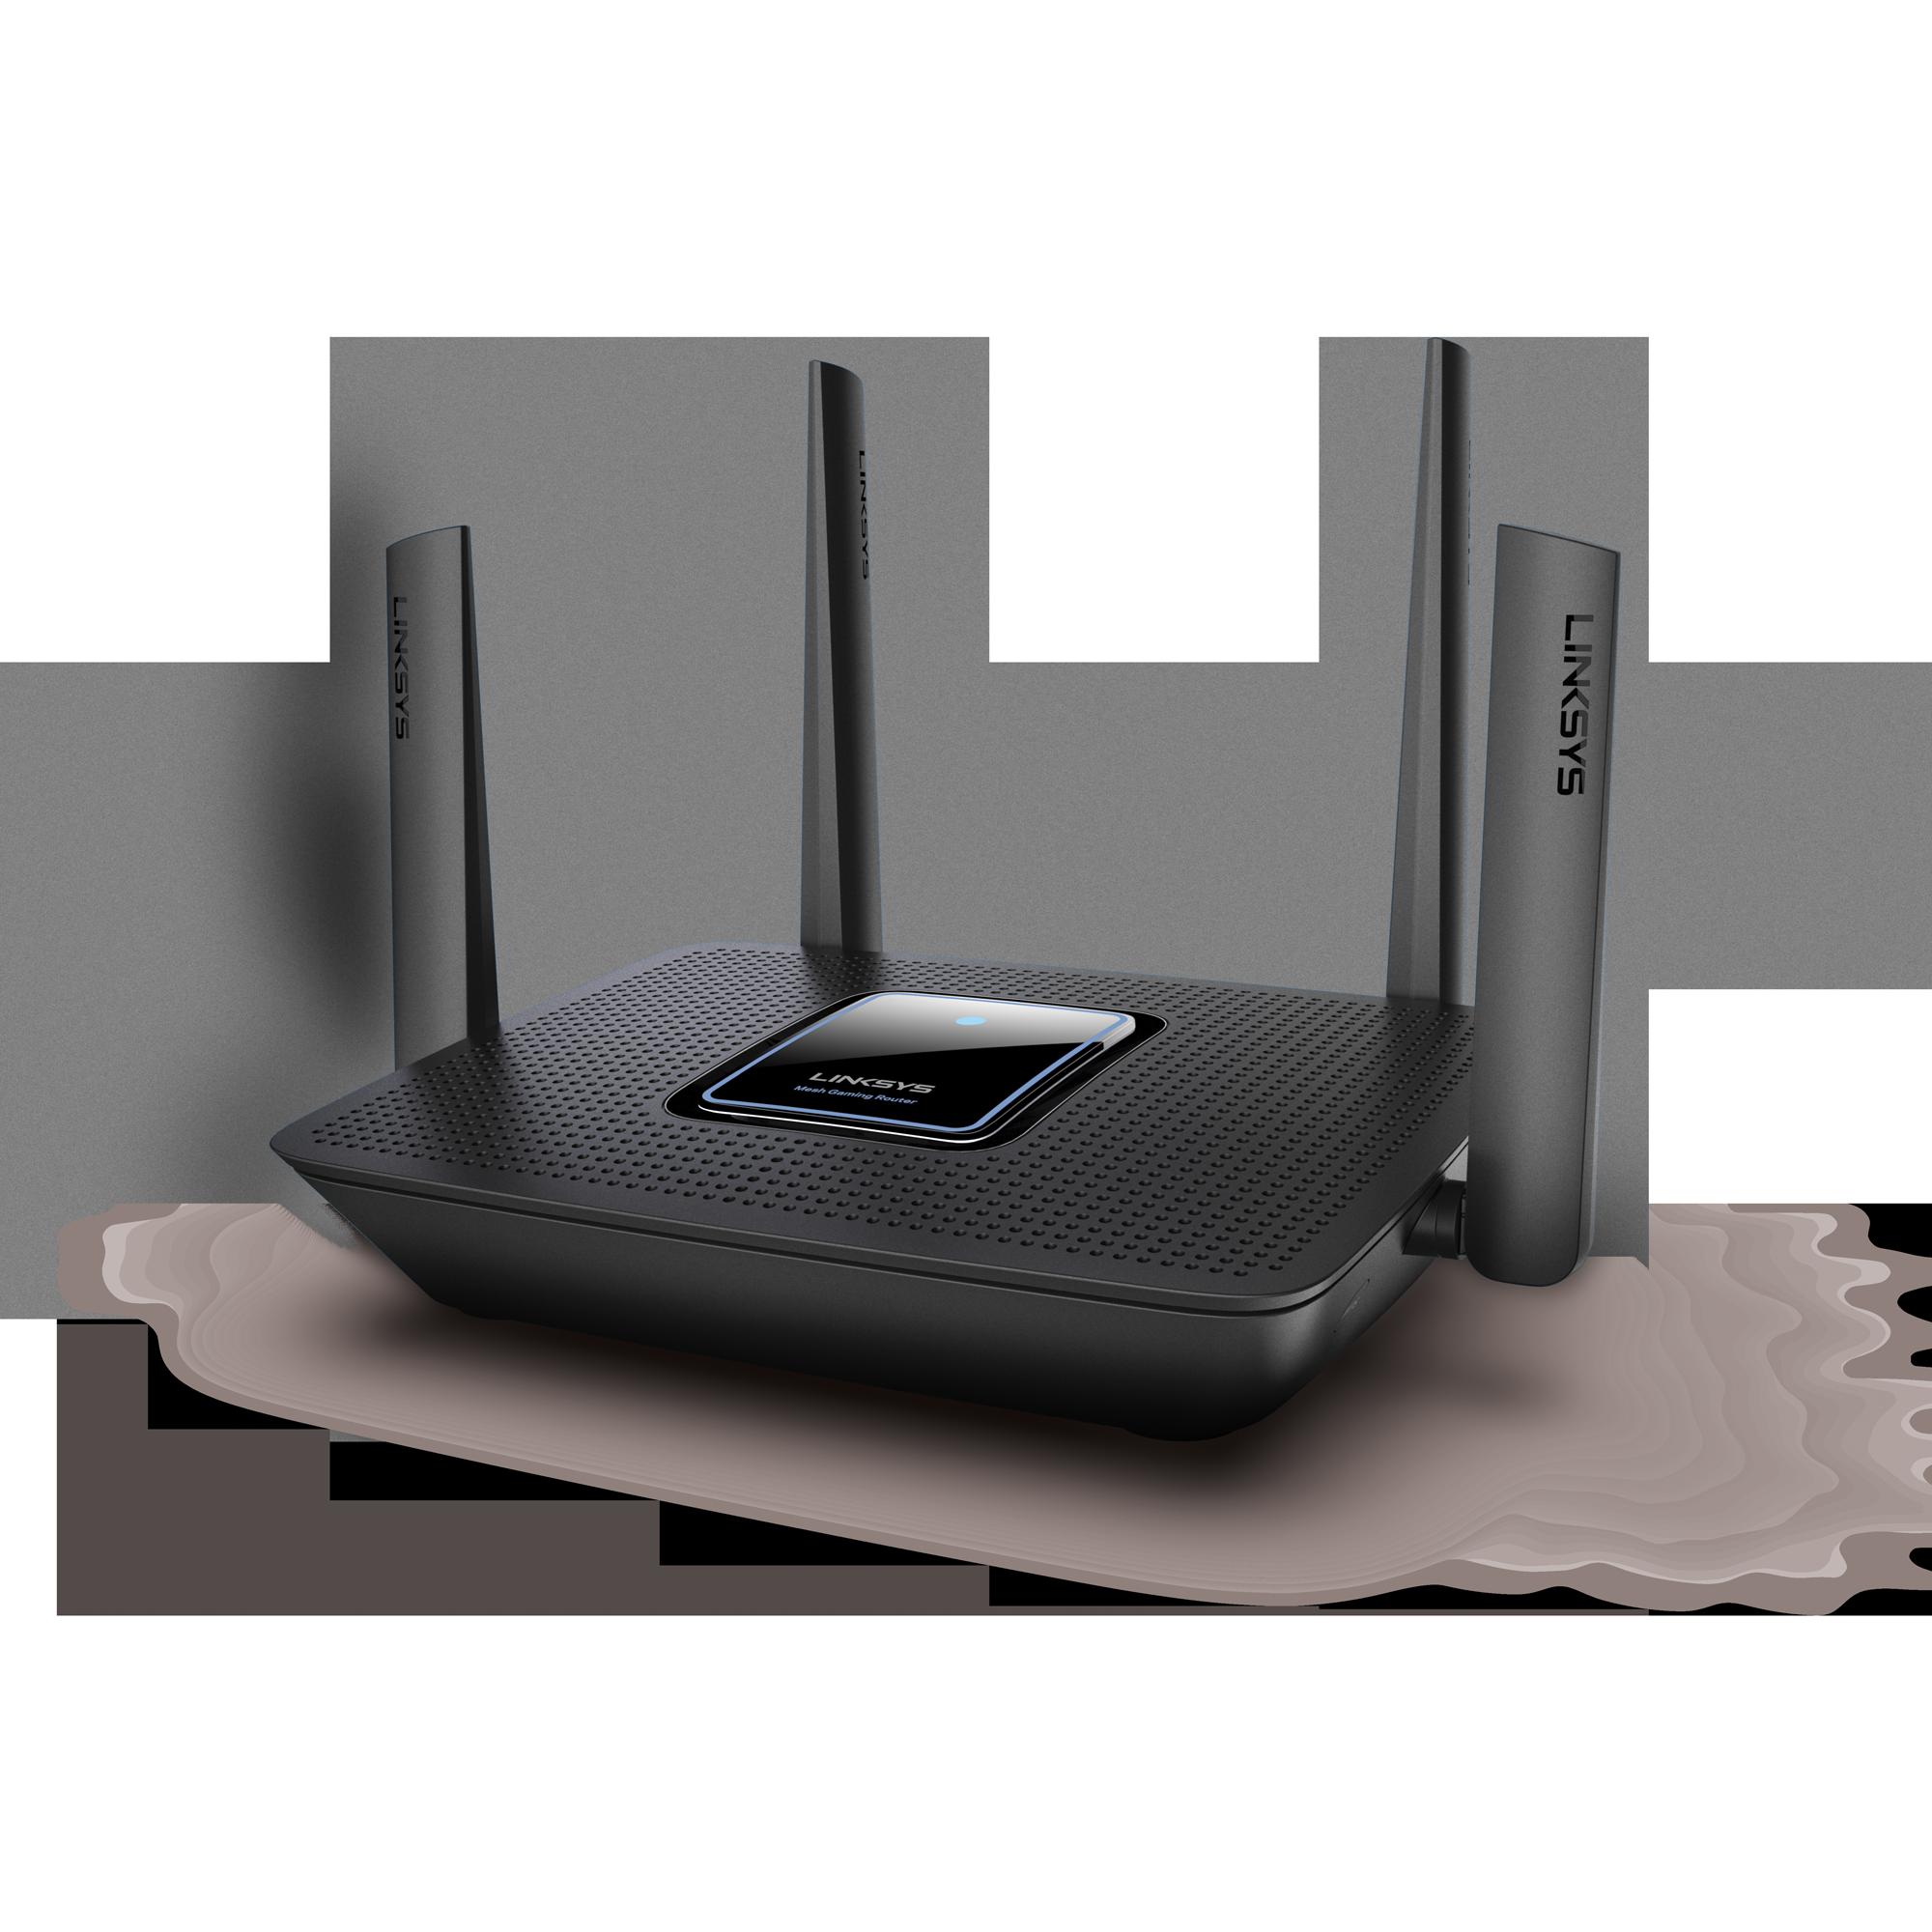 Linksys 全新路由器 MR9000X 同時為 25 裝置提供超高速 WiFi